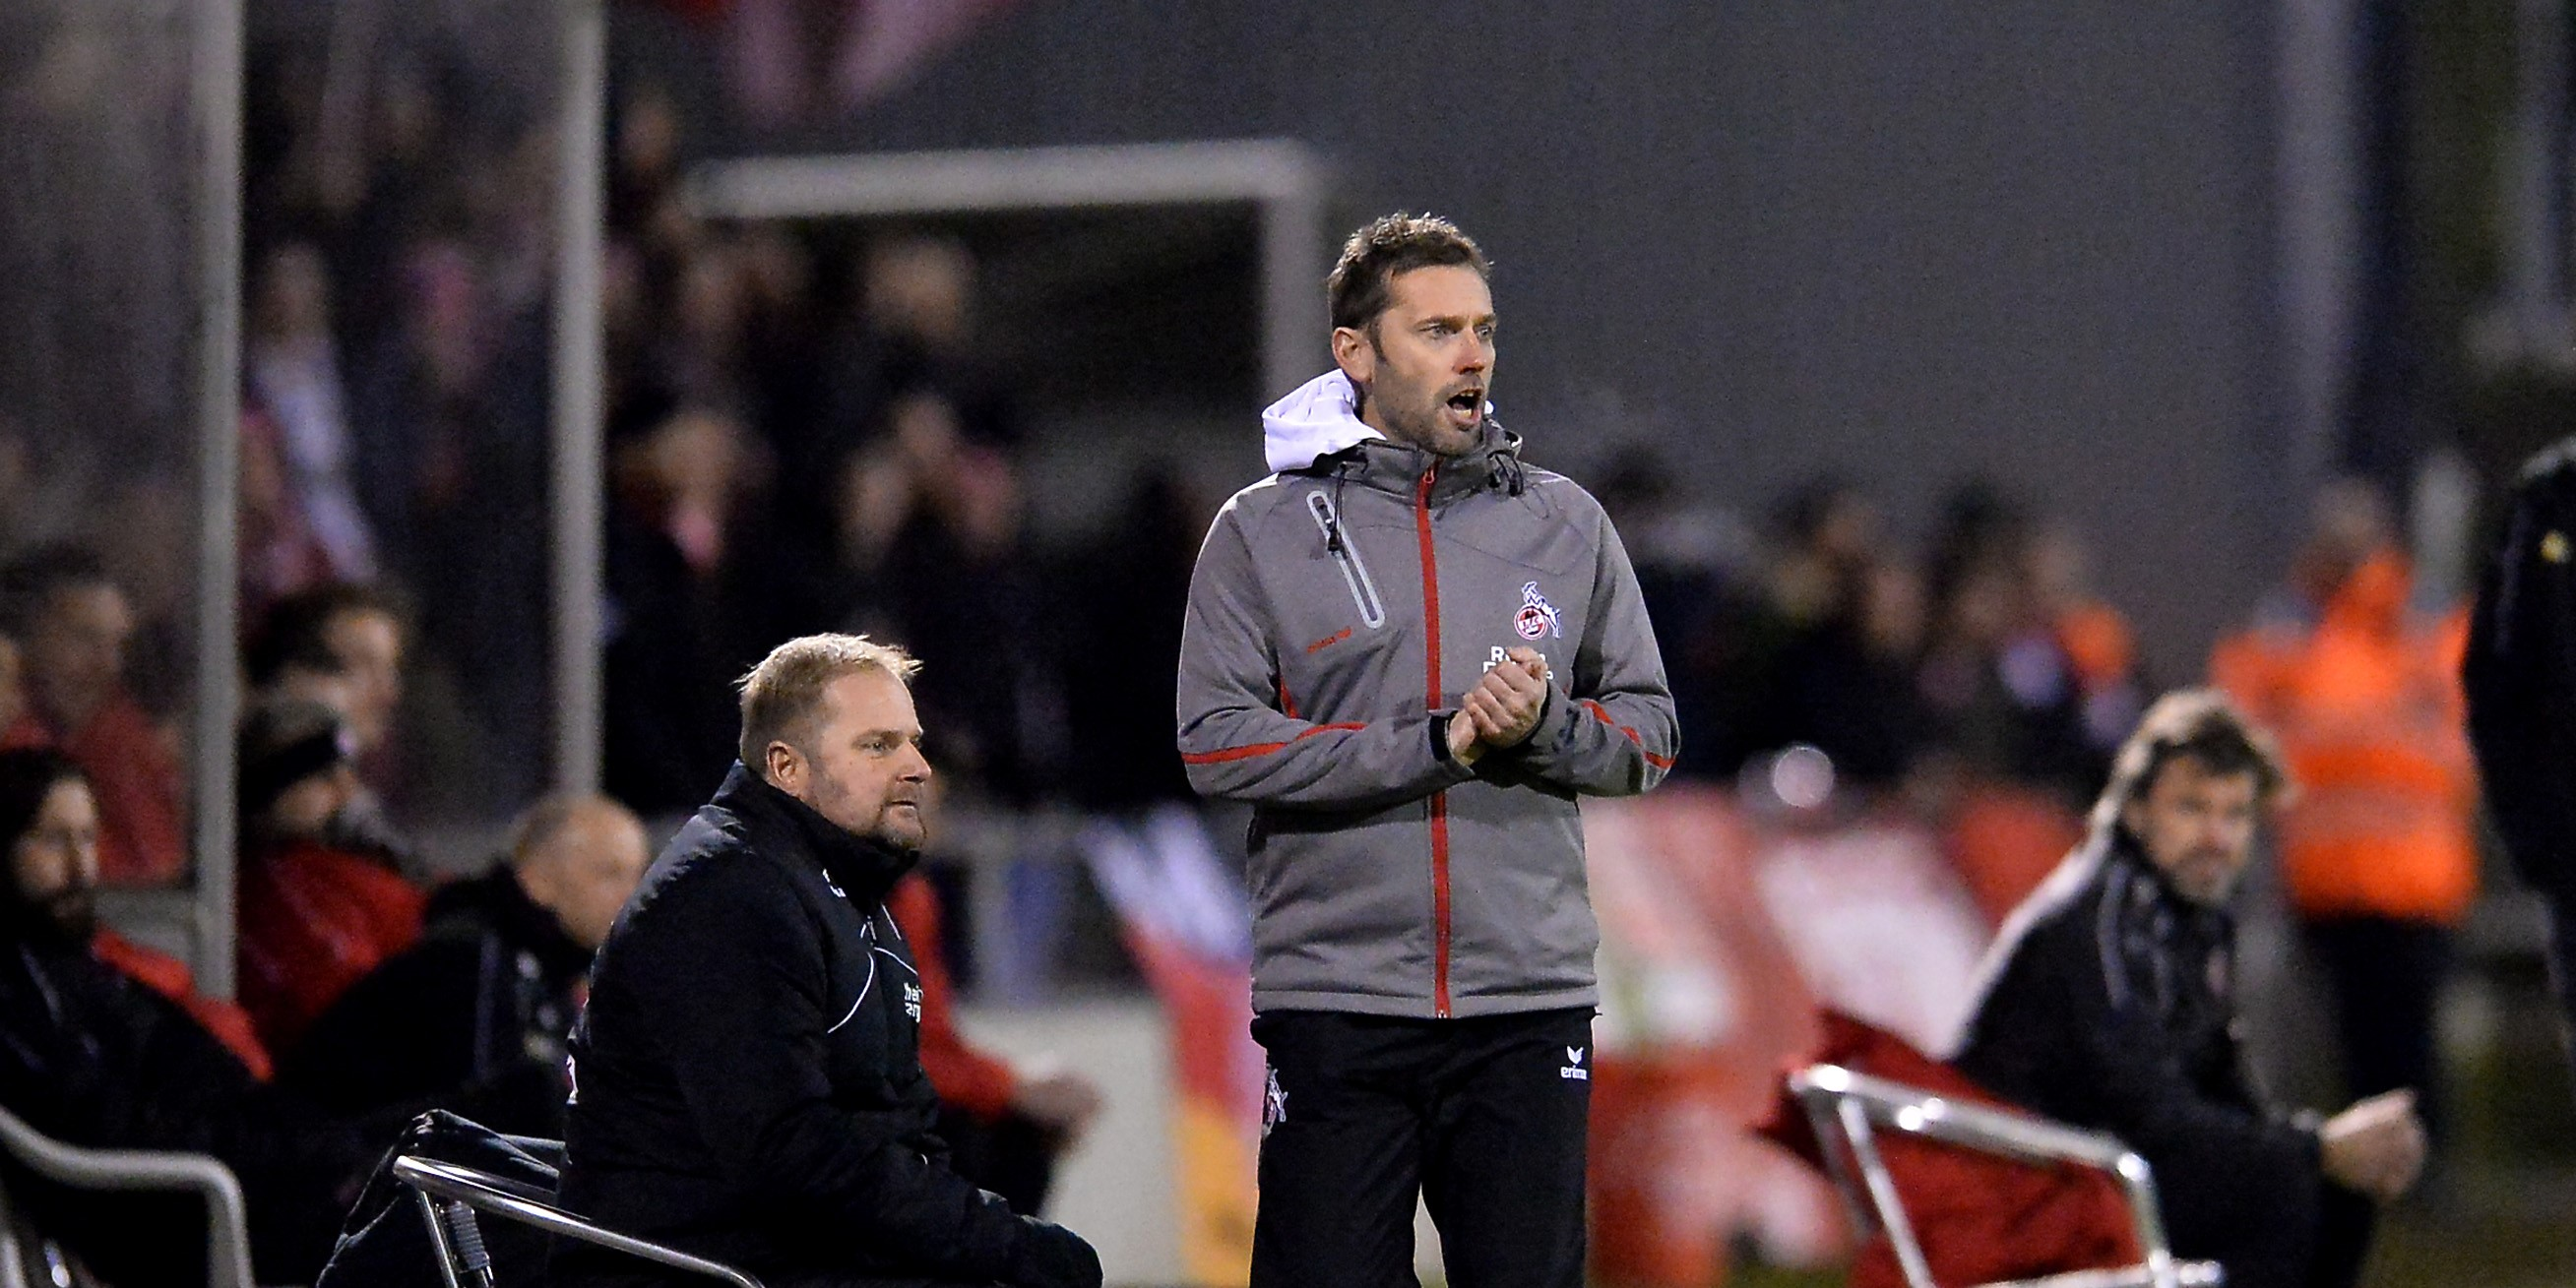 Andre Pawlak soll die Kölner auch in dieser Saison wieder zum Klassenerhalt führen. (Foto: Tillmann)